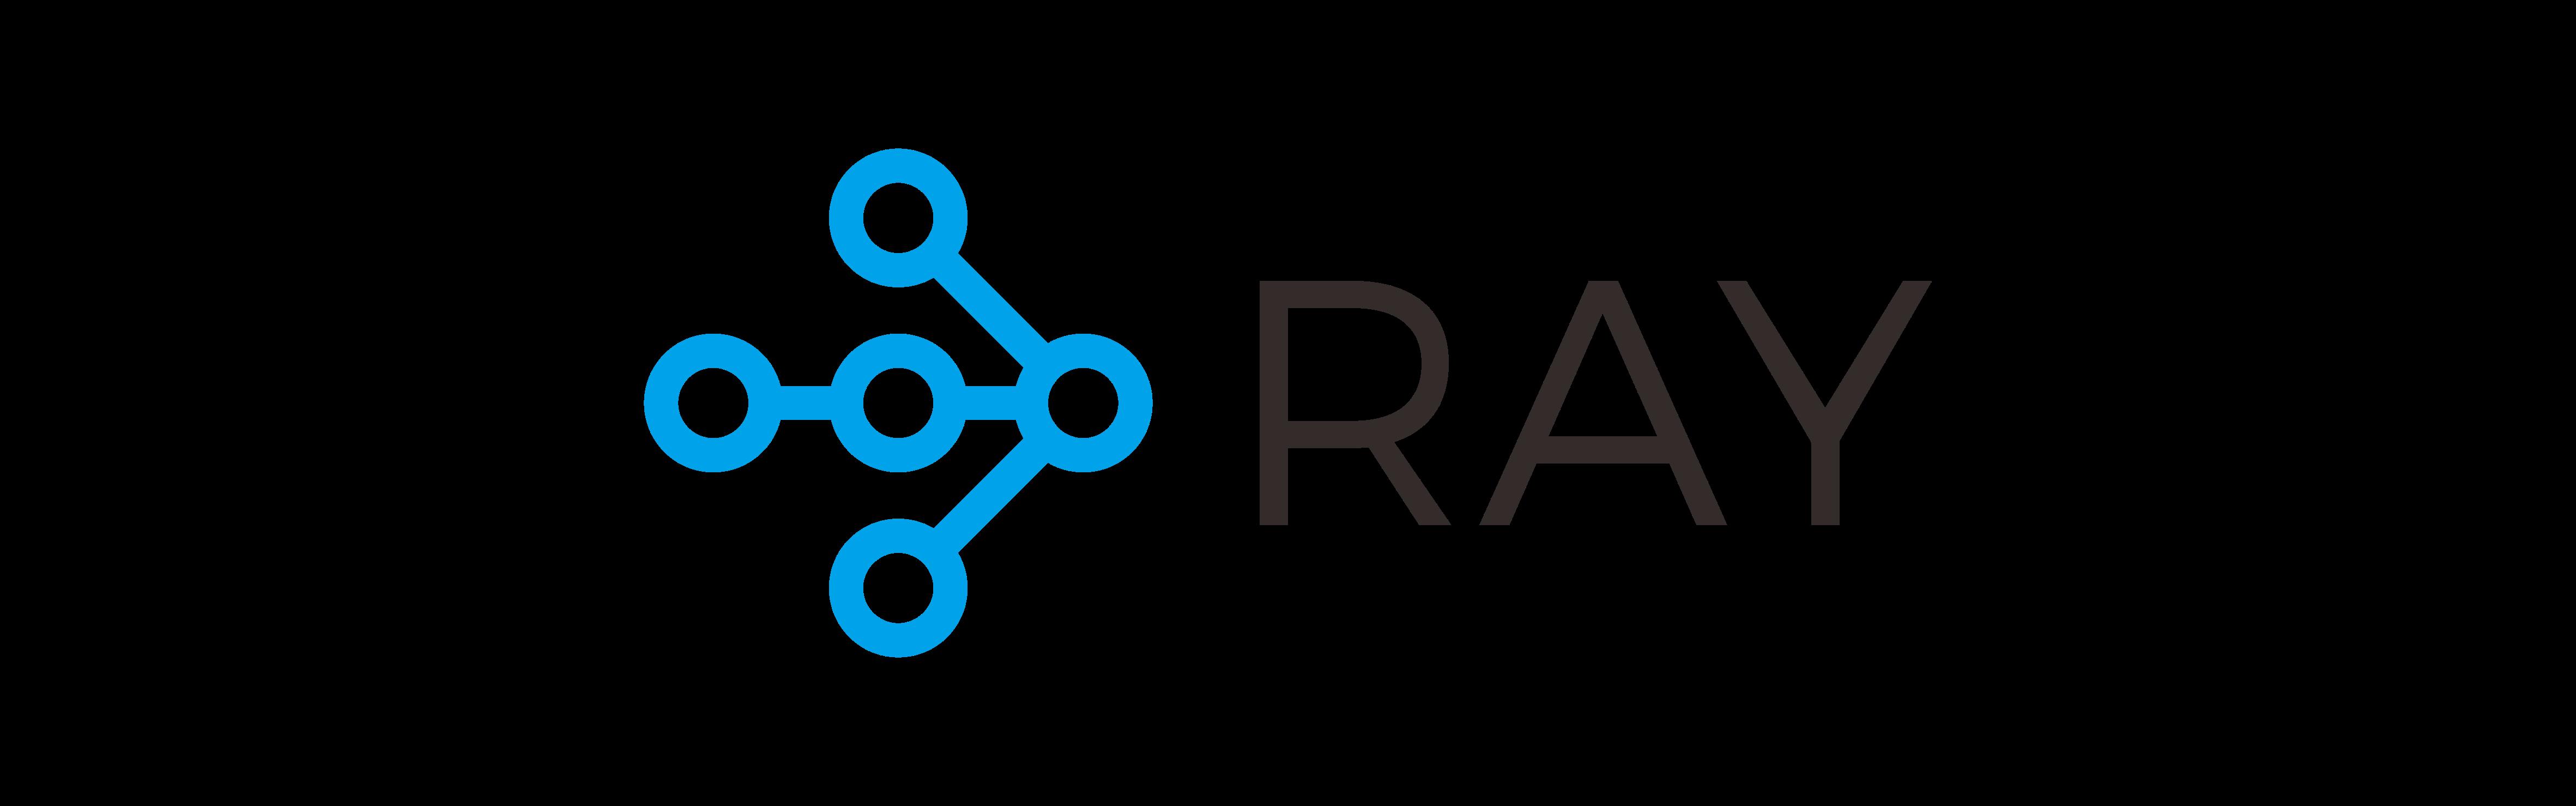 ray_header_logo.png